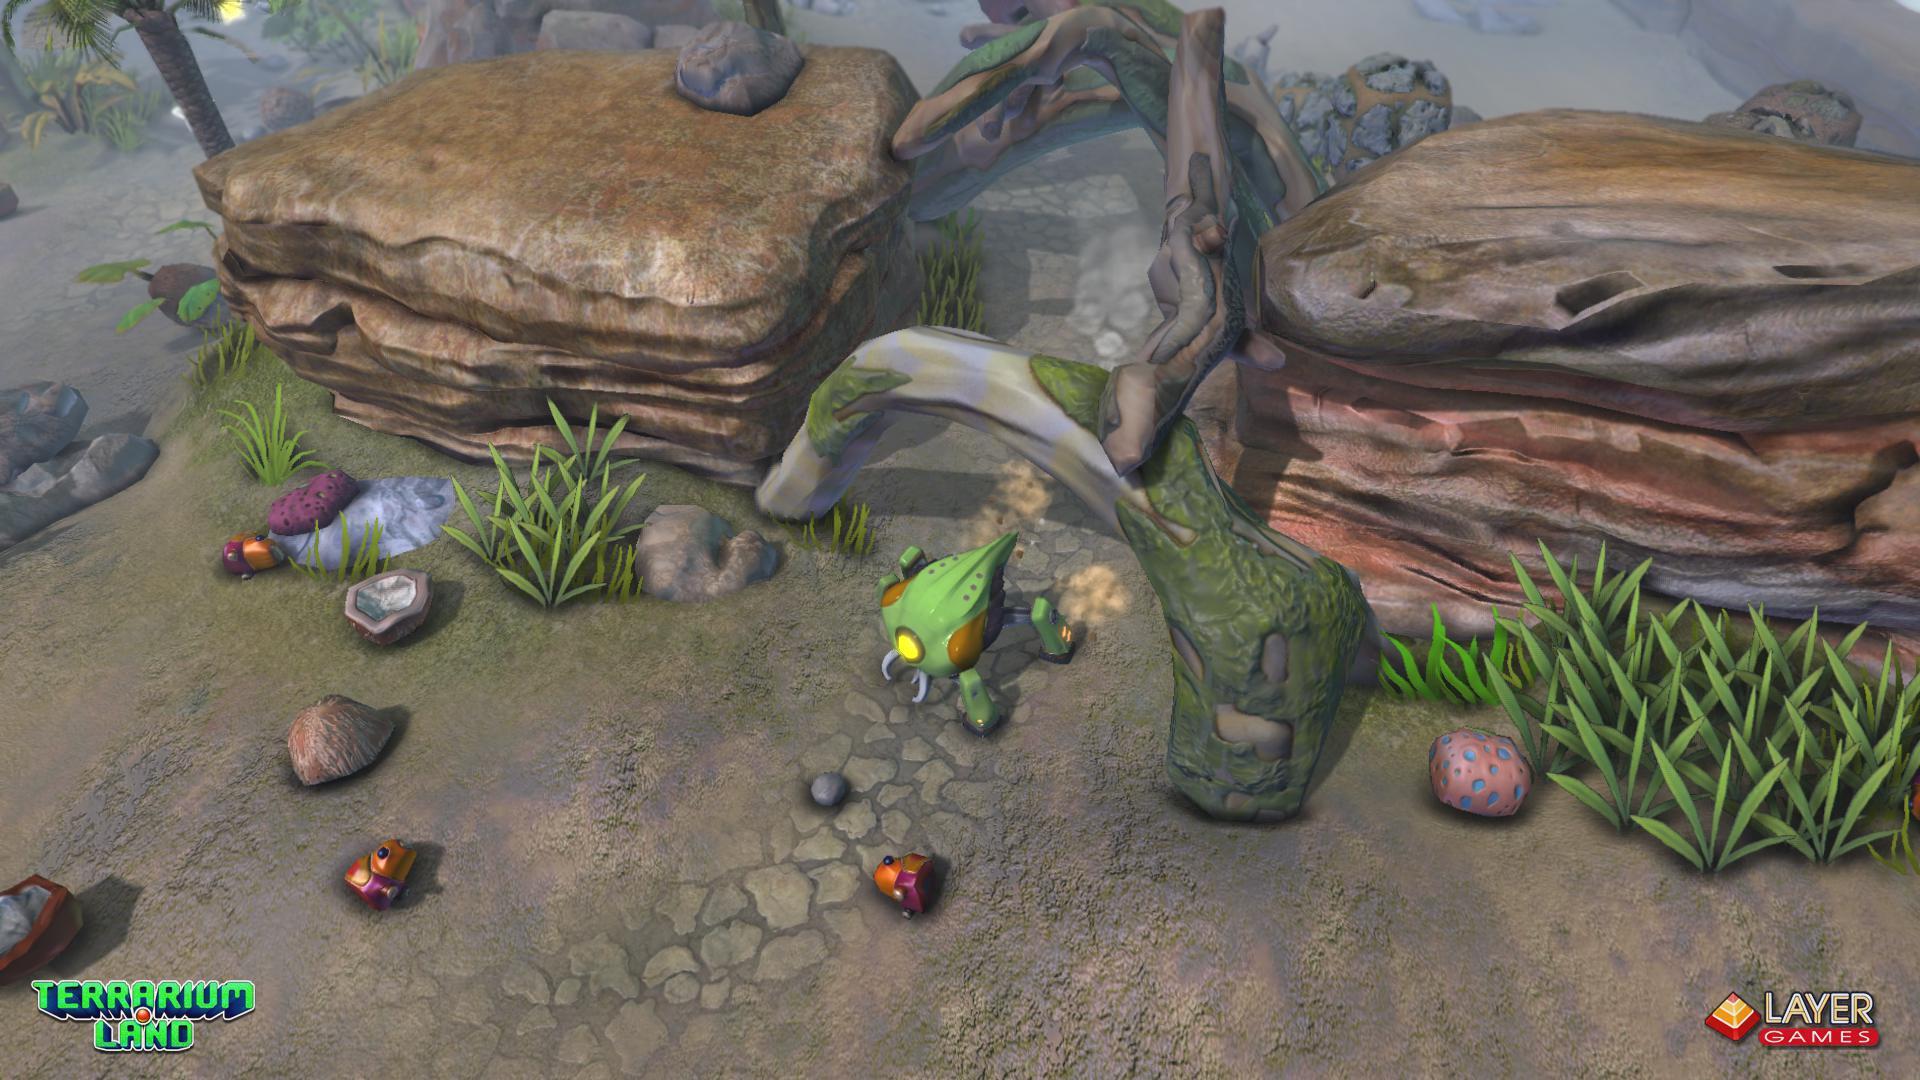 """3d игра """"Terrarium Land"""" весной выходит в Steam.. - Изображение 4"""